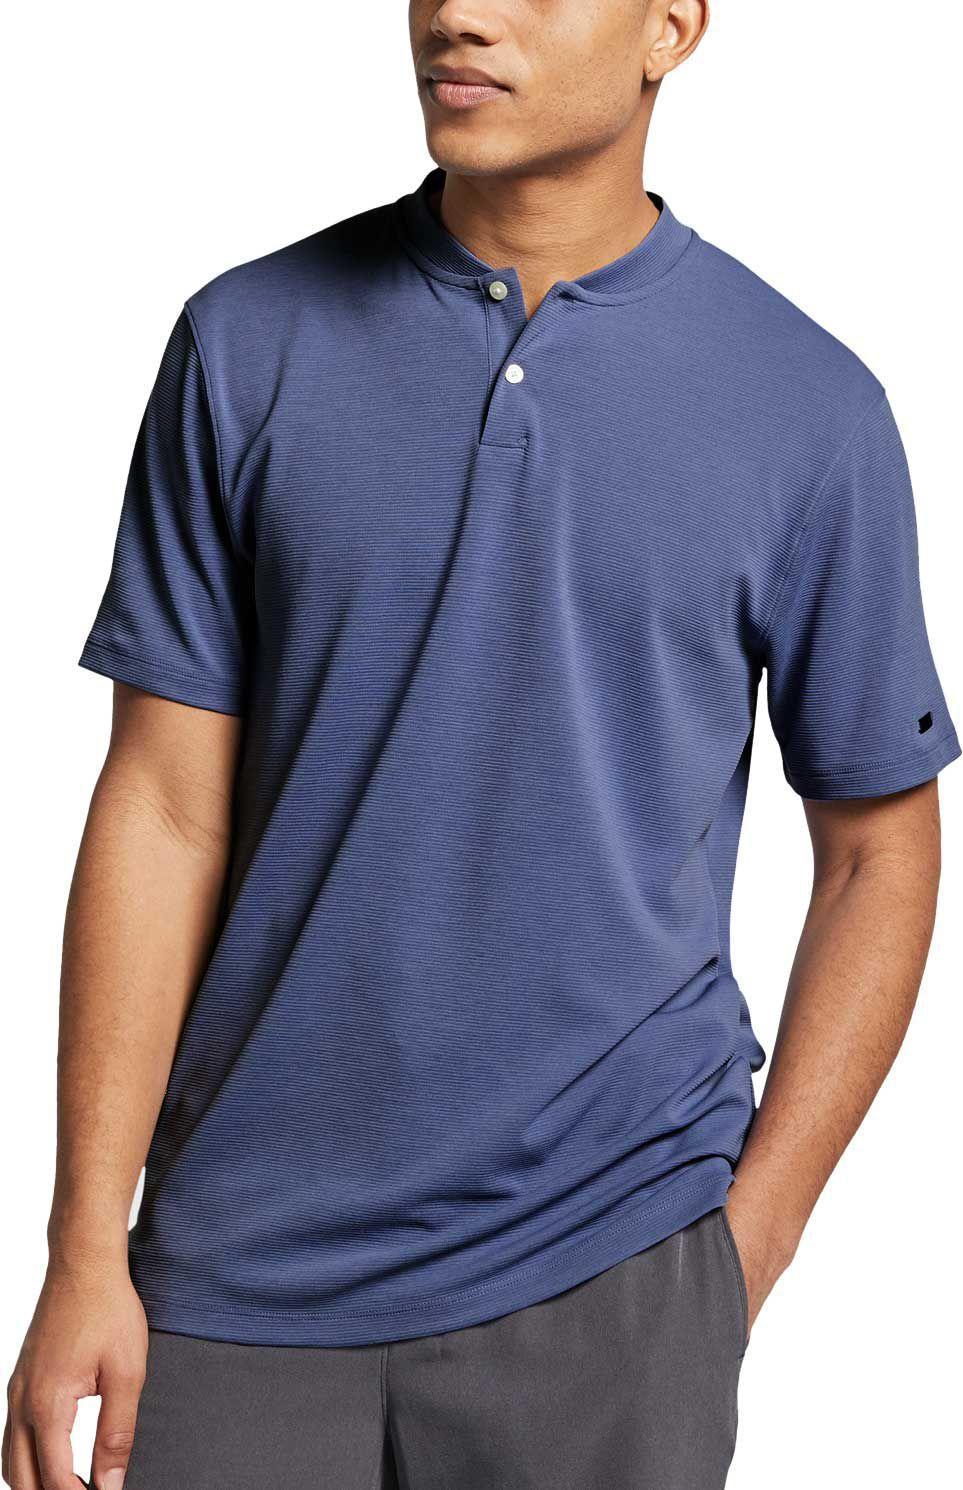 d5bc3a9b Nike Aeroreact Tiger Woods Vapor Golf Polo in Blue for Men - Save 26 ...